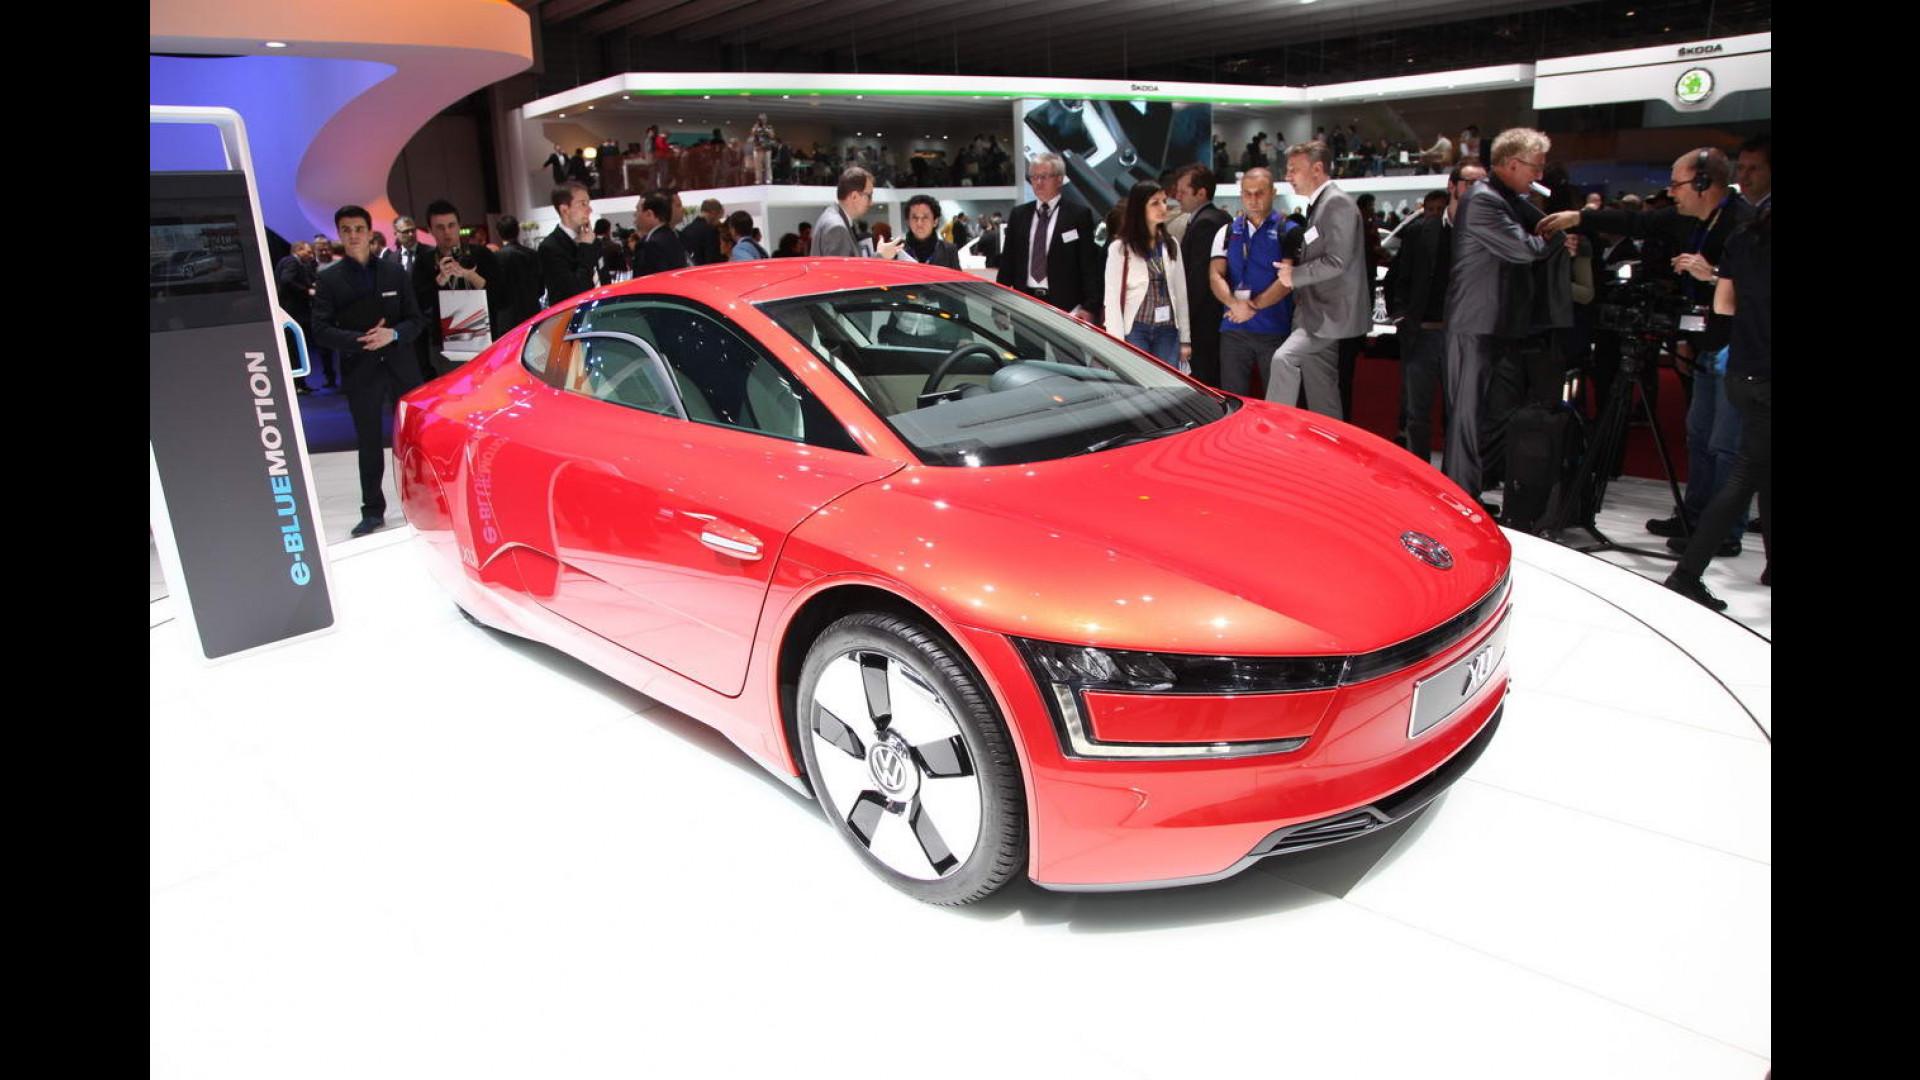 Salone Di Ginevra Un Missile Rosso Chiamato Volkswagen Xl1 Motor1